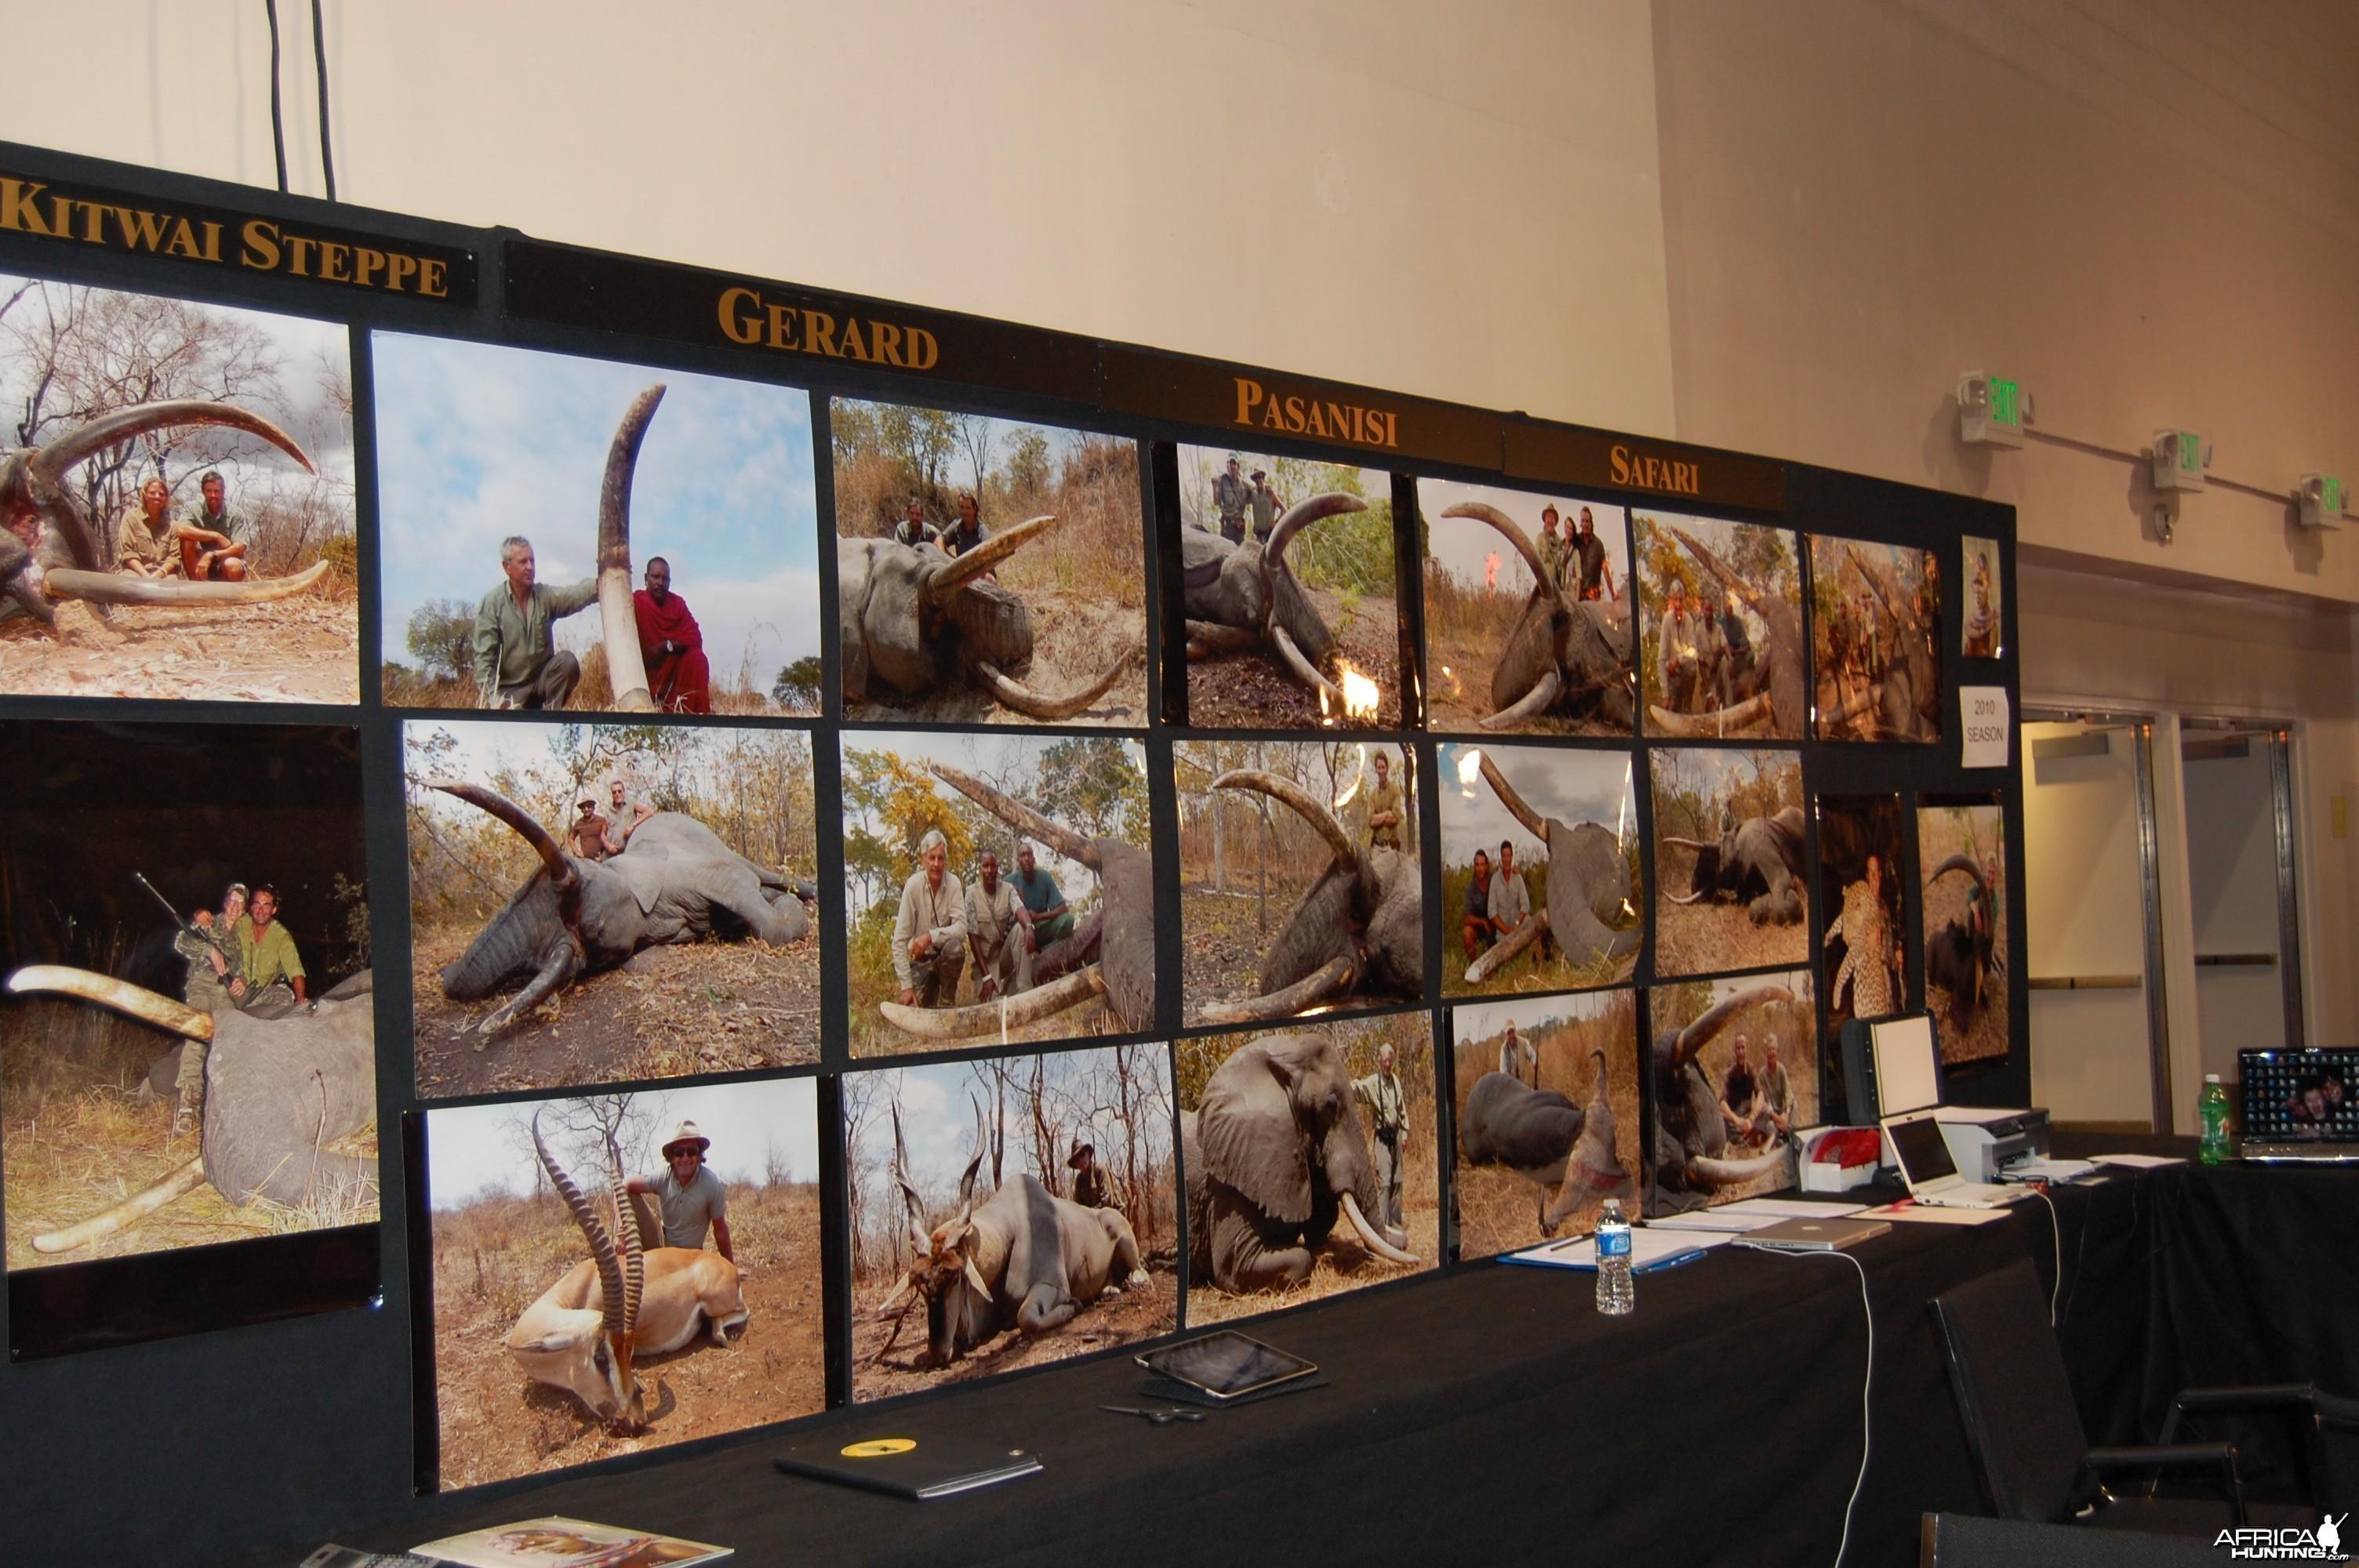 Passanisi Safaris